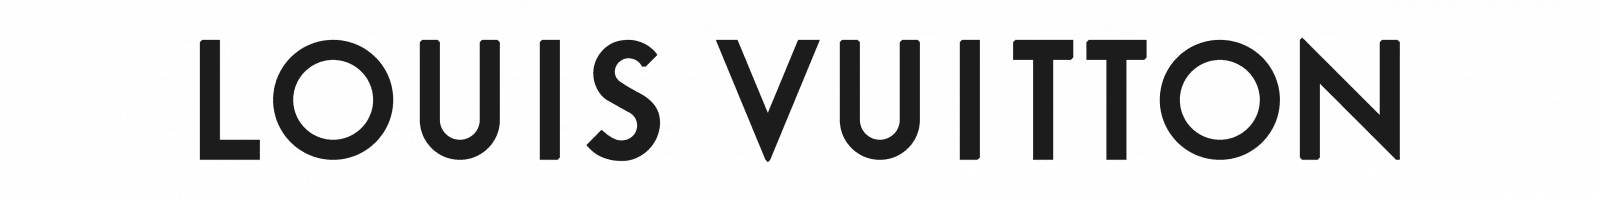 Louis Vuitton - FR Positive Luxury